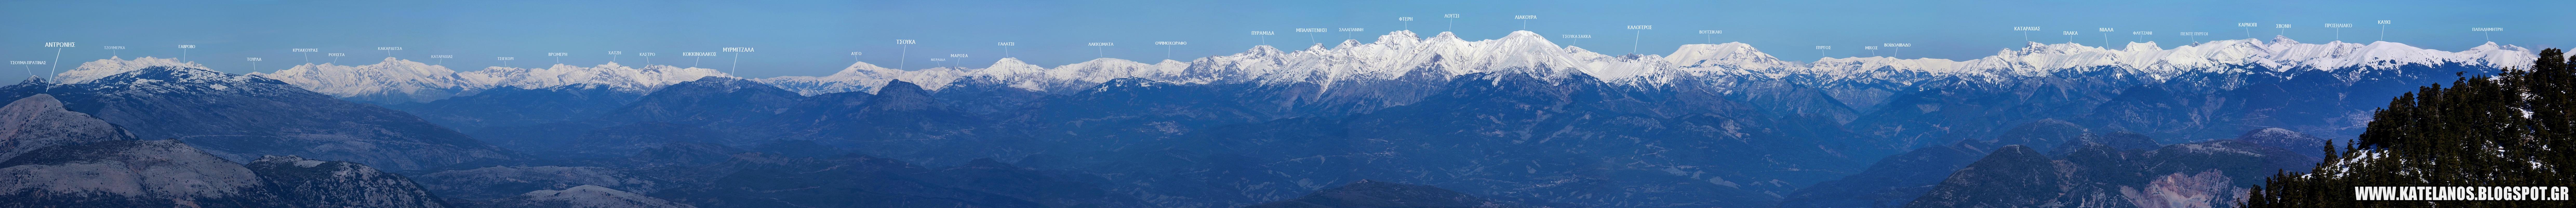 νοτια πινδος κορυφες πανοραμα χιονισμενες βουνοκορφες πανοραμικη φωτογραφια τζουμερκα αγραφα κακαρδιτσα